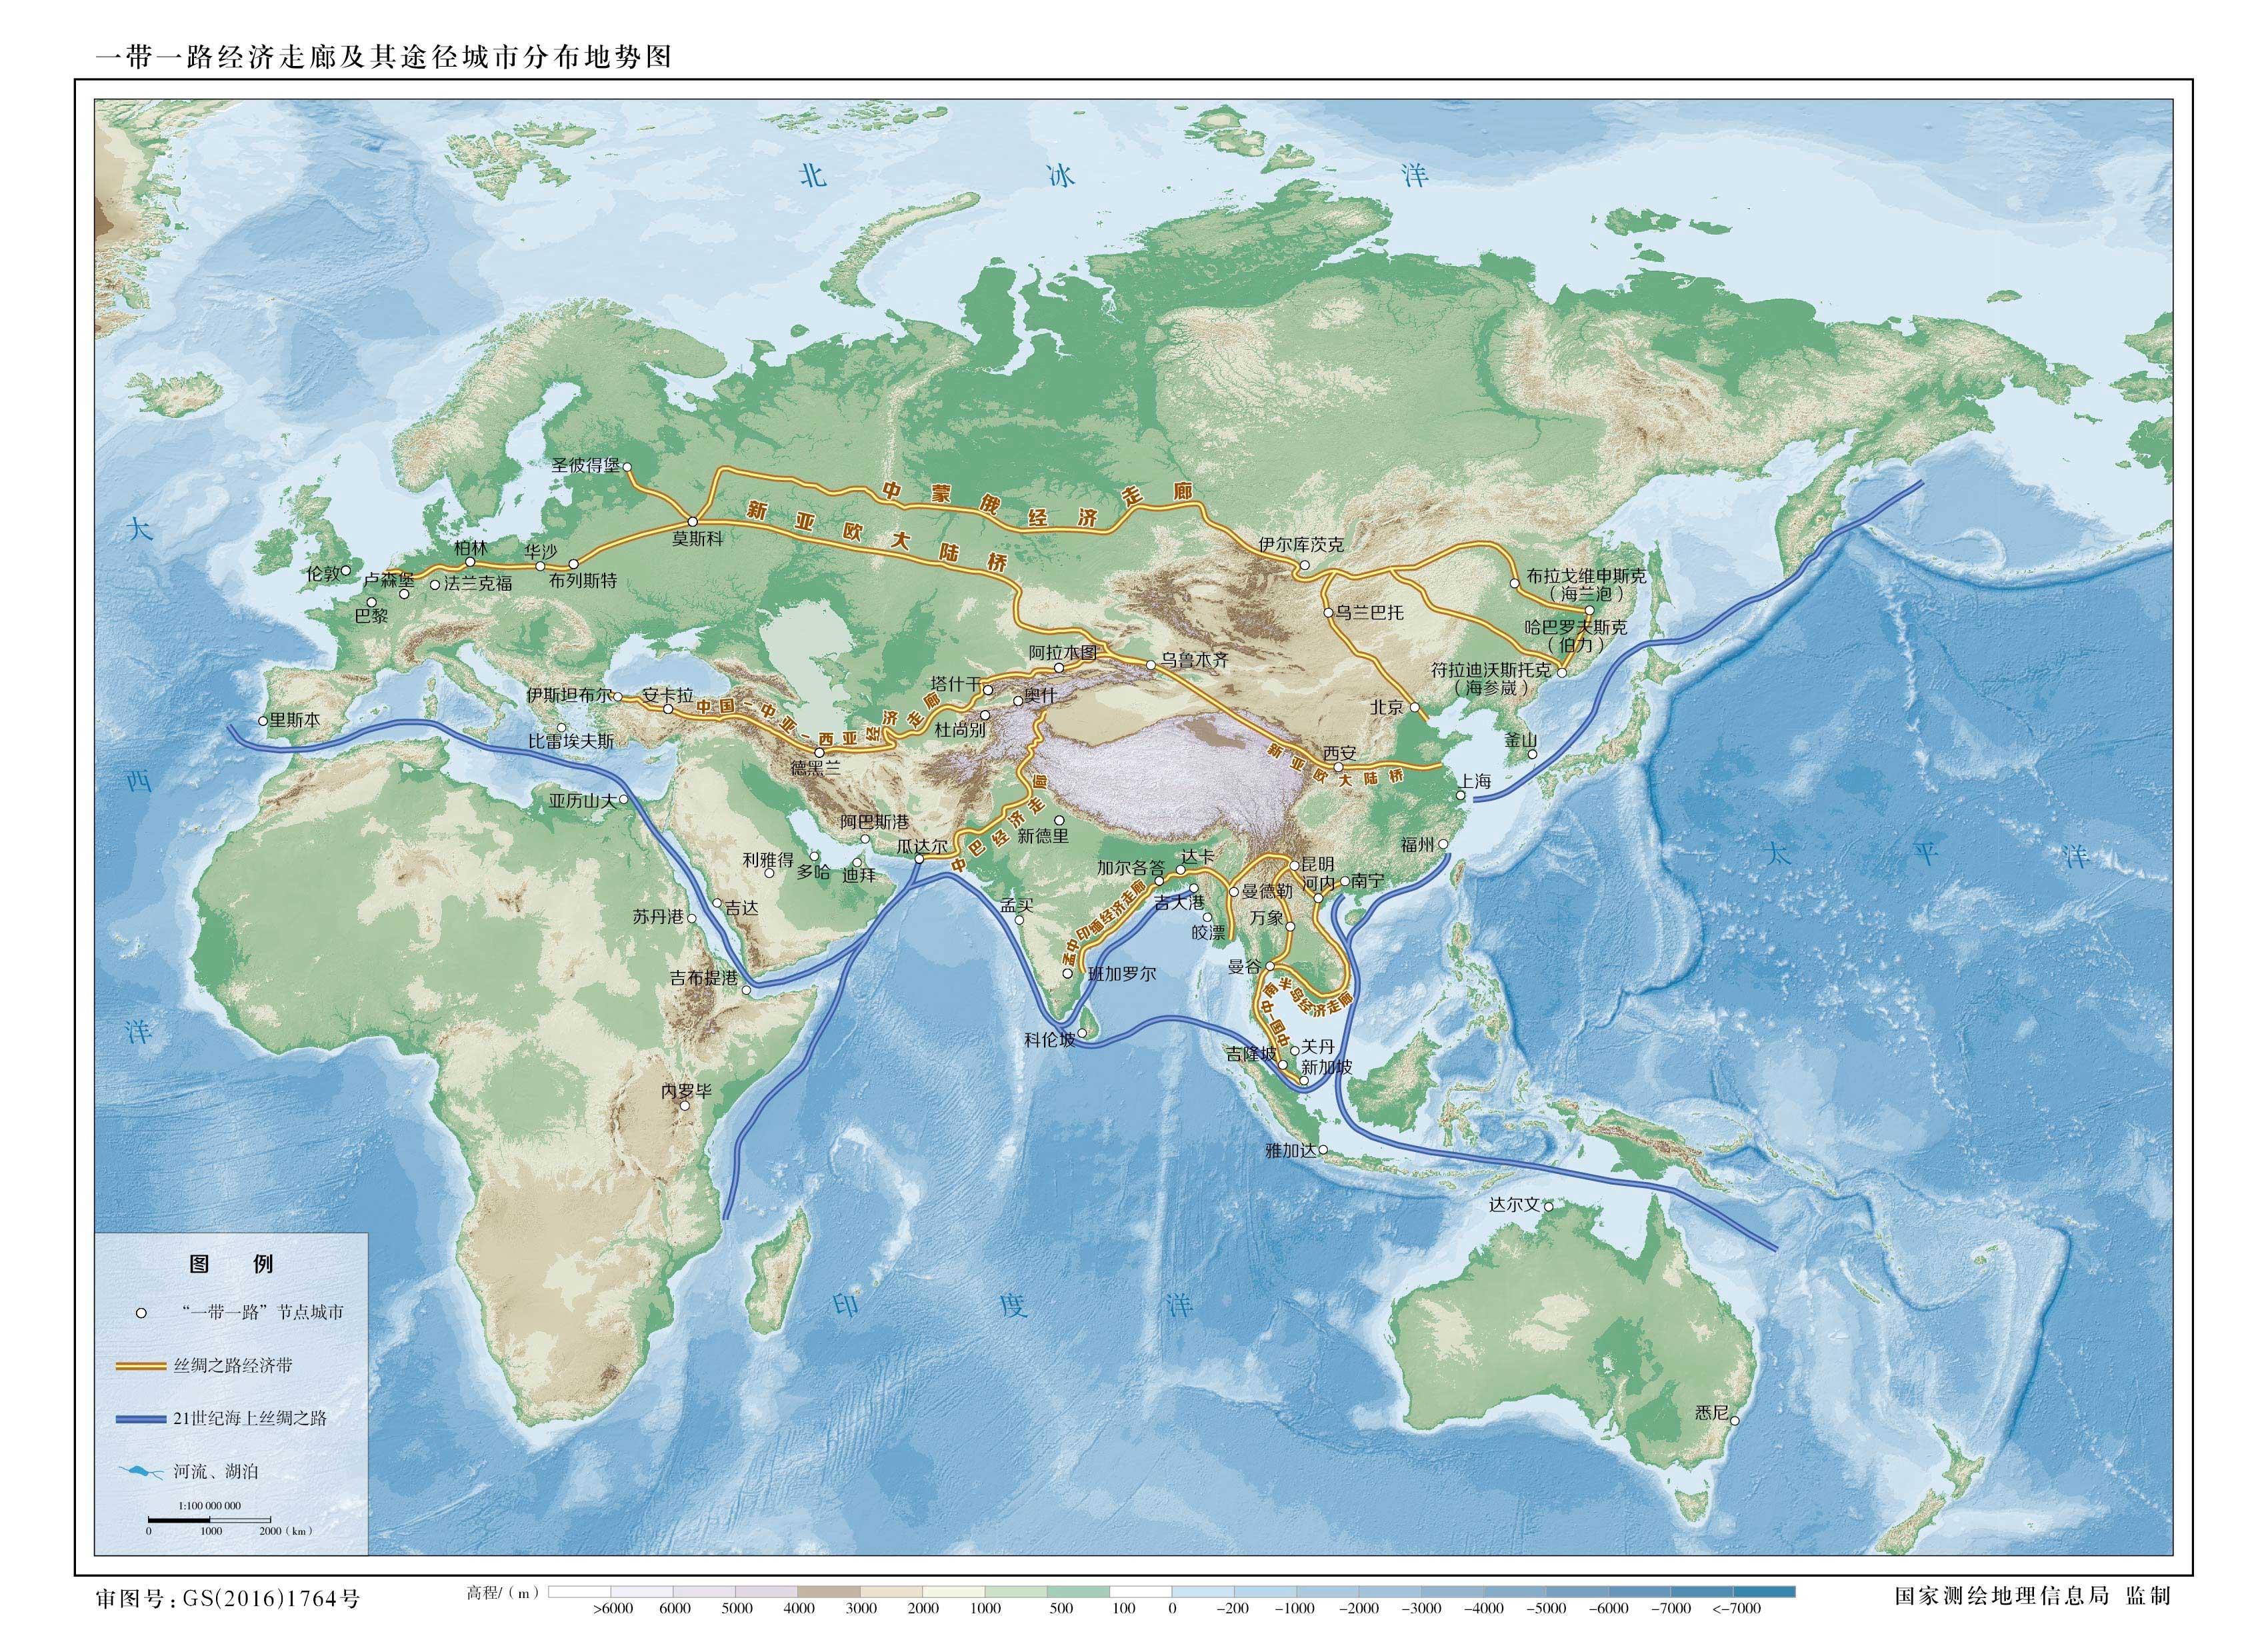 由三张地图看中国创造的一带一路世界机会